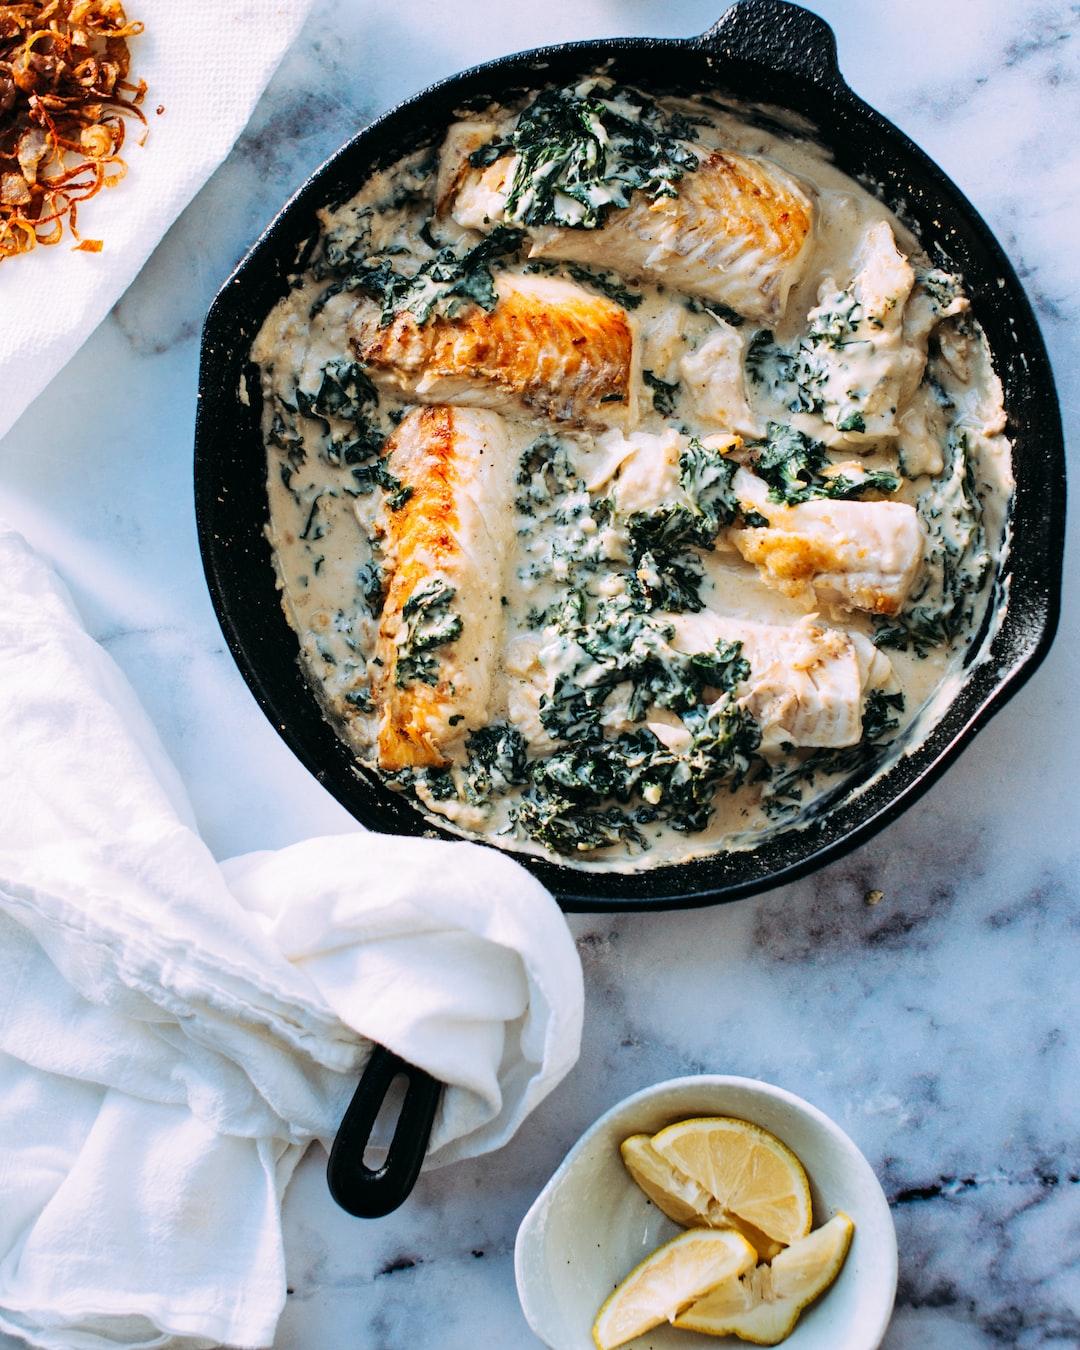 Creamy fish dinner photo by jennifer pallian foodess on for Verena hoflehner